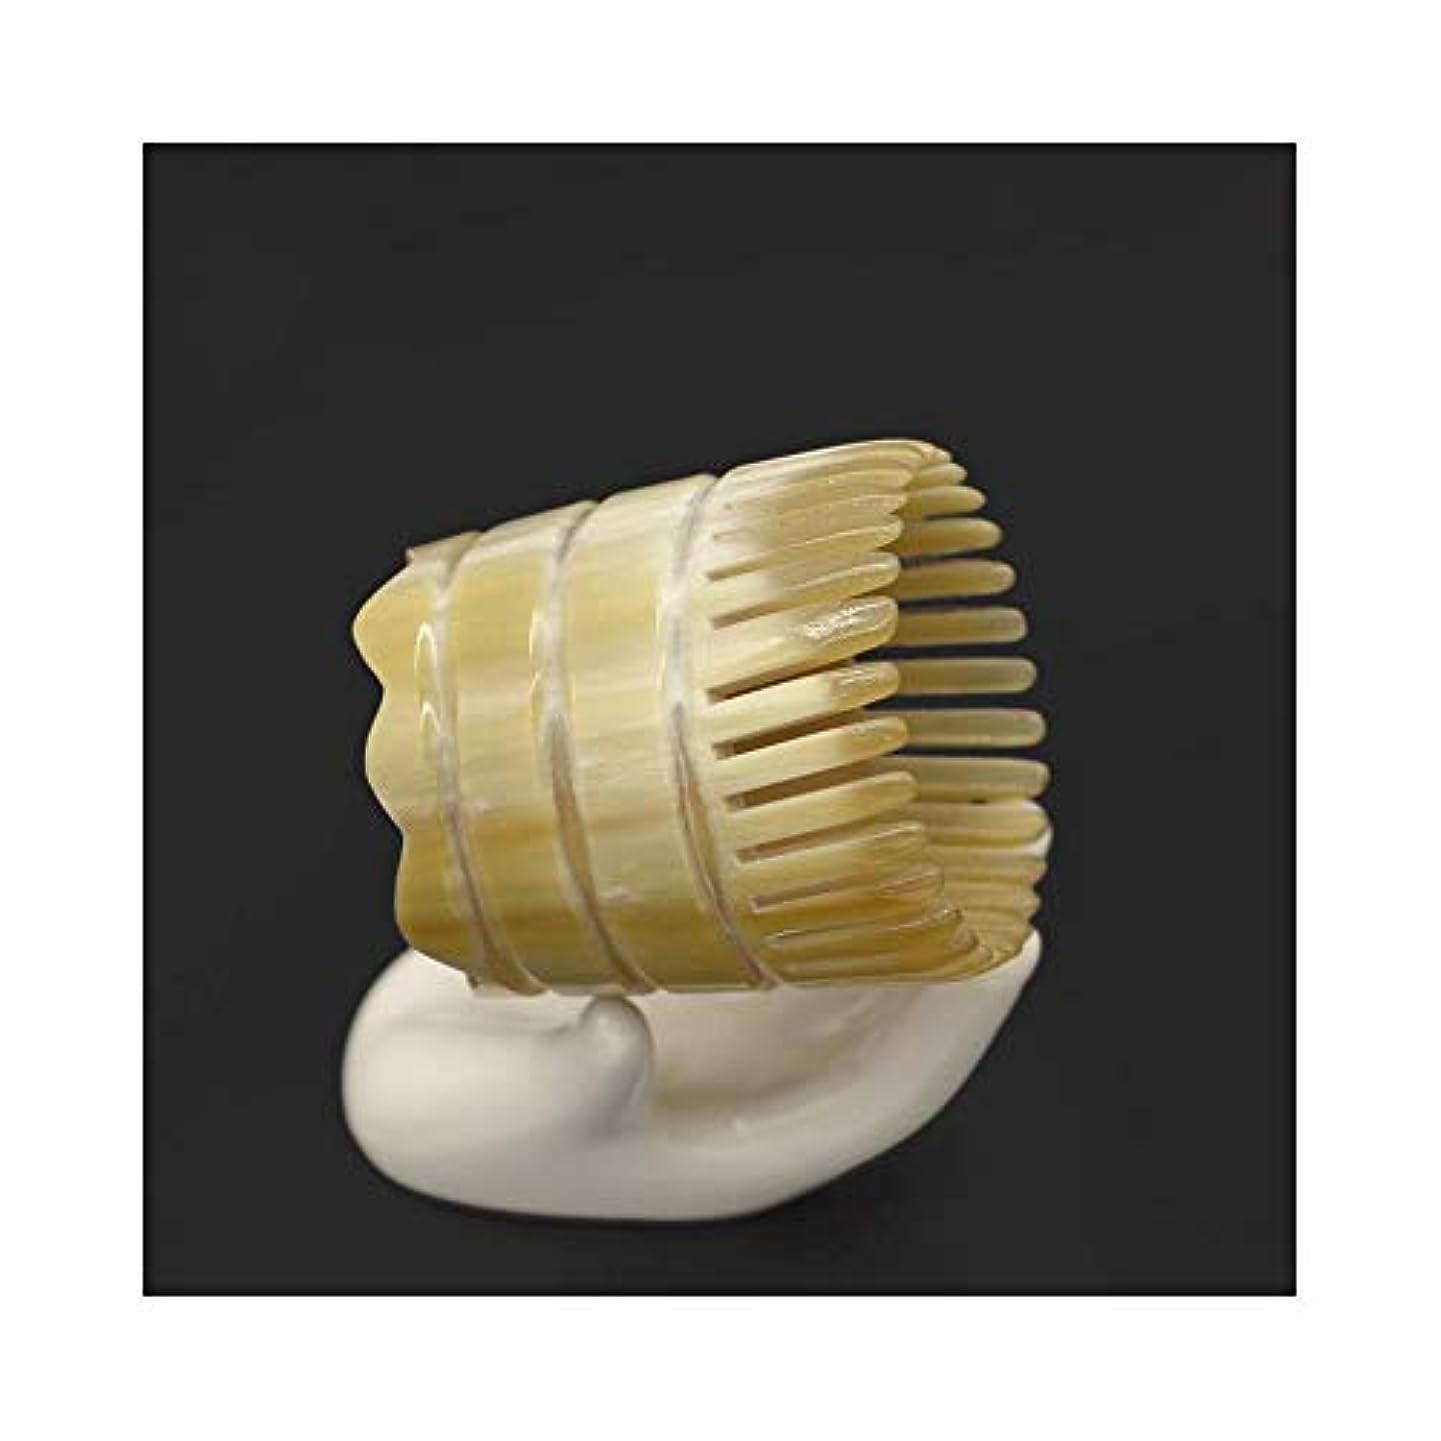 ひばりインタフェース少しWASAIO 頭皮マッサージはありません静的手作りのための自然木製ヤクホーンくしDetangleコームズメンズ?レディース?ヘアーブラシセットパドル (色 : B)